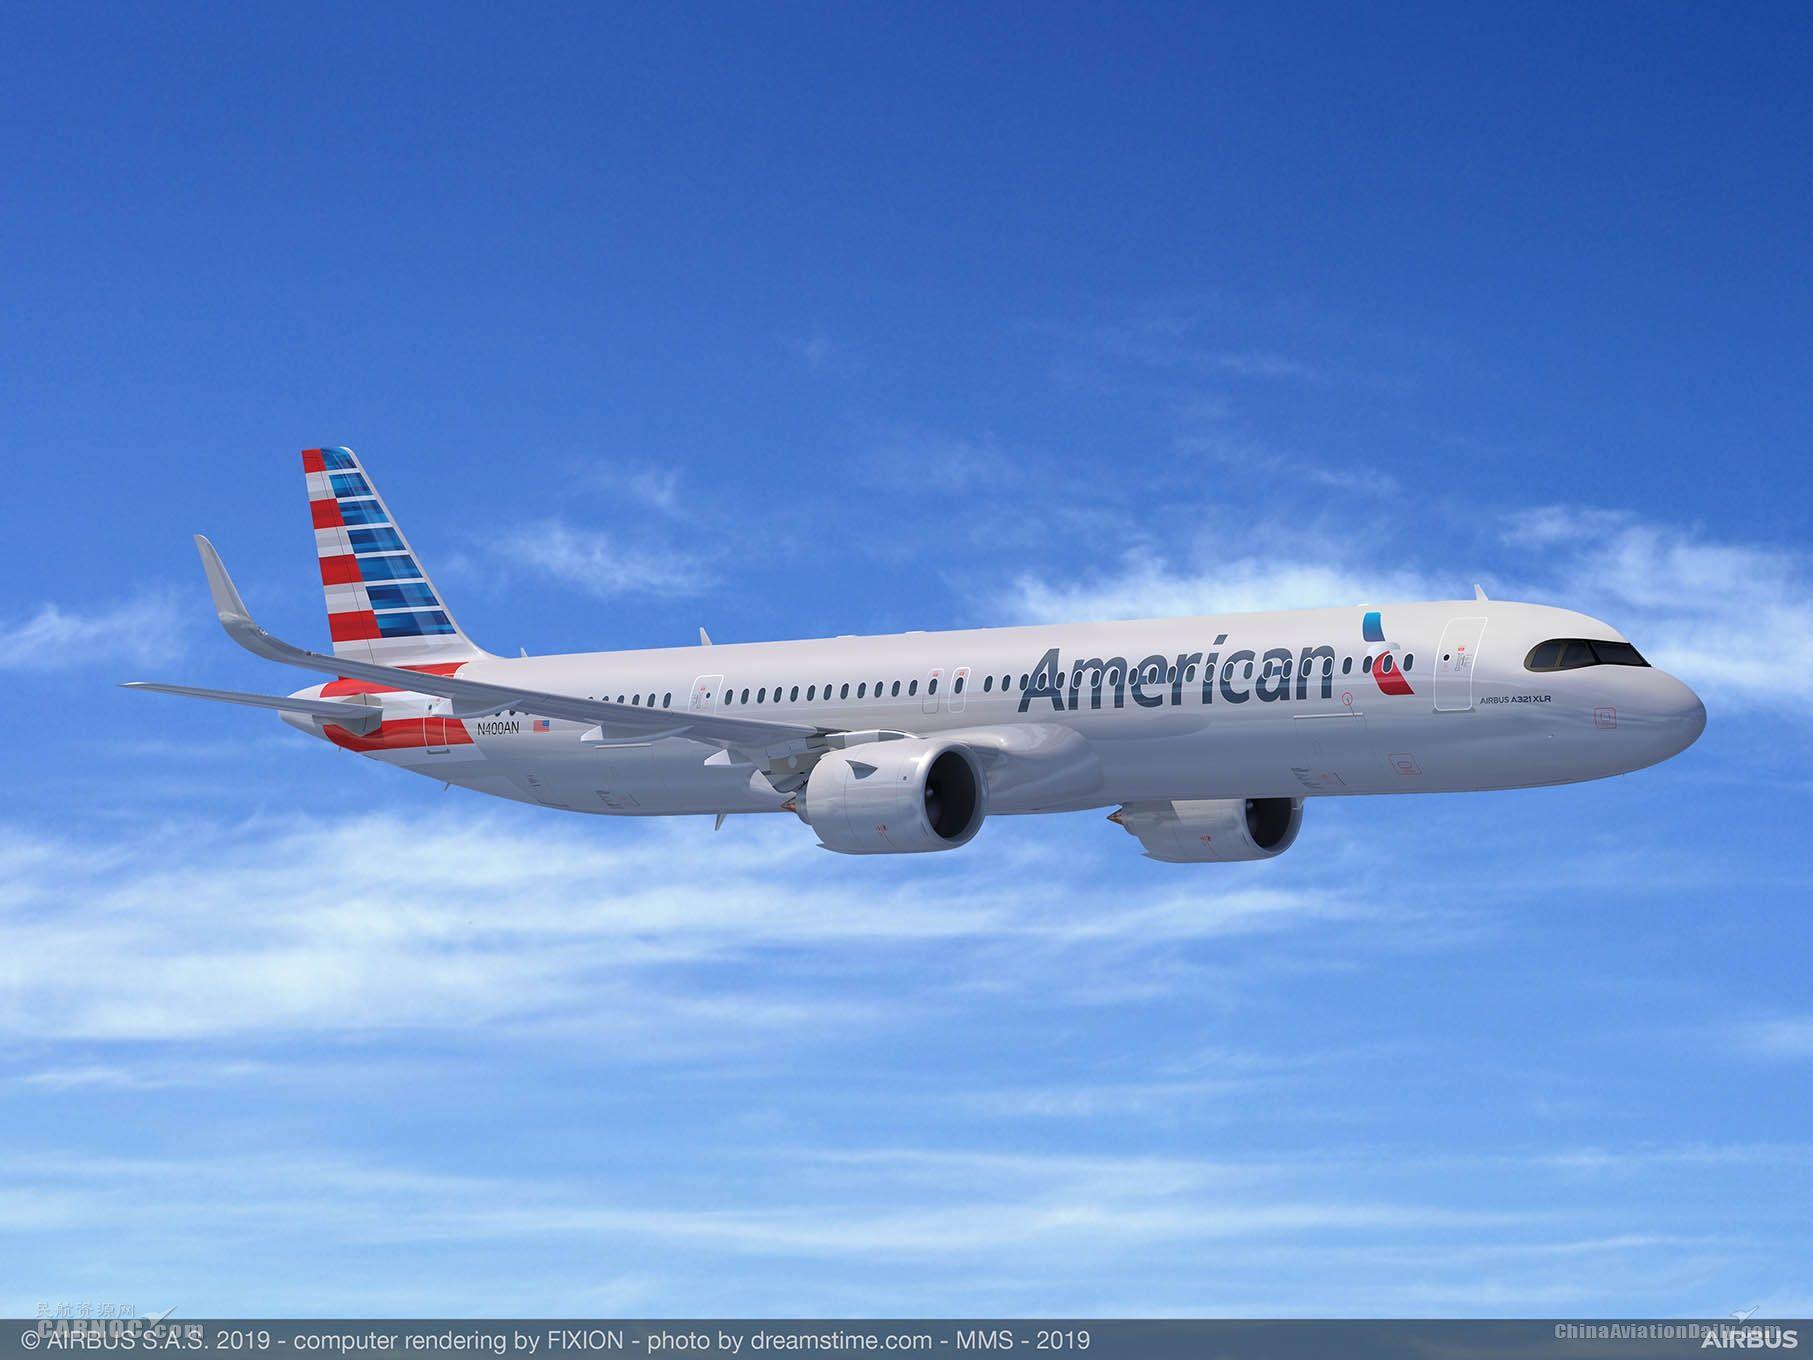 美国航空订购50架空客超远程型A321XLR飞机